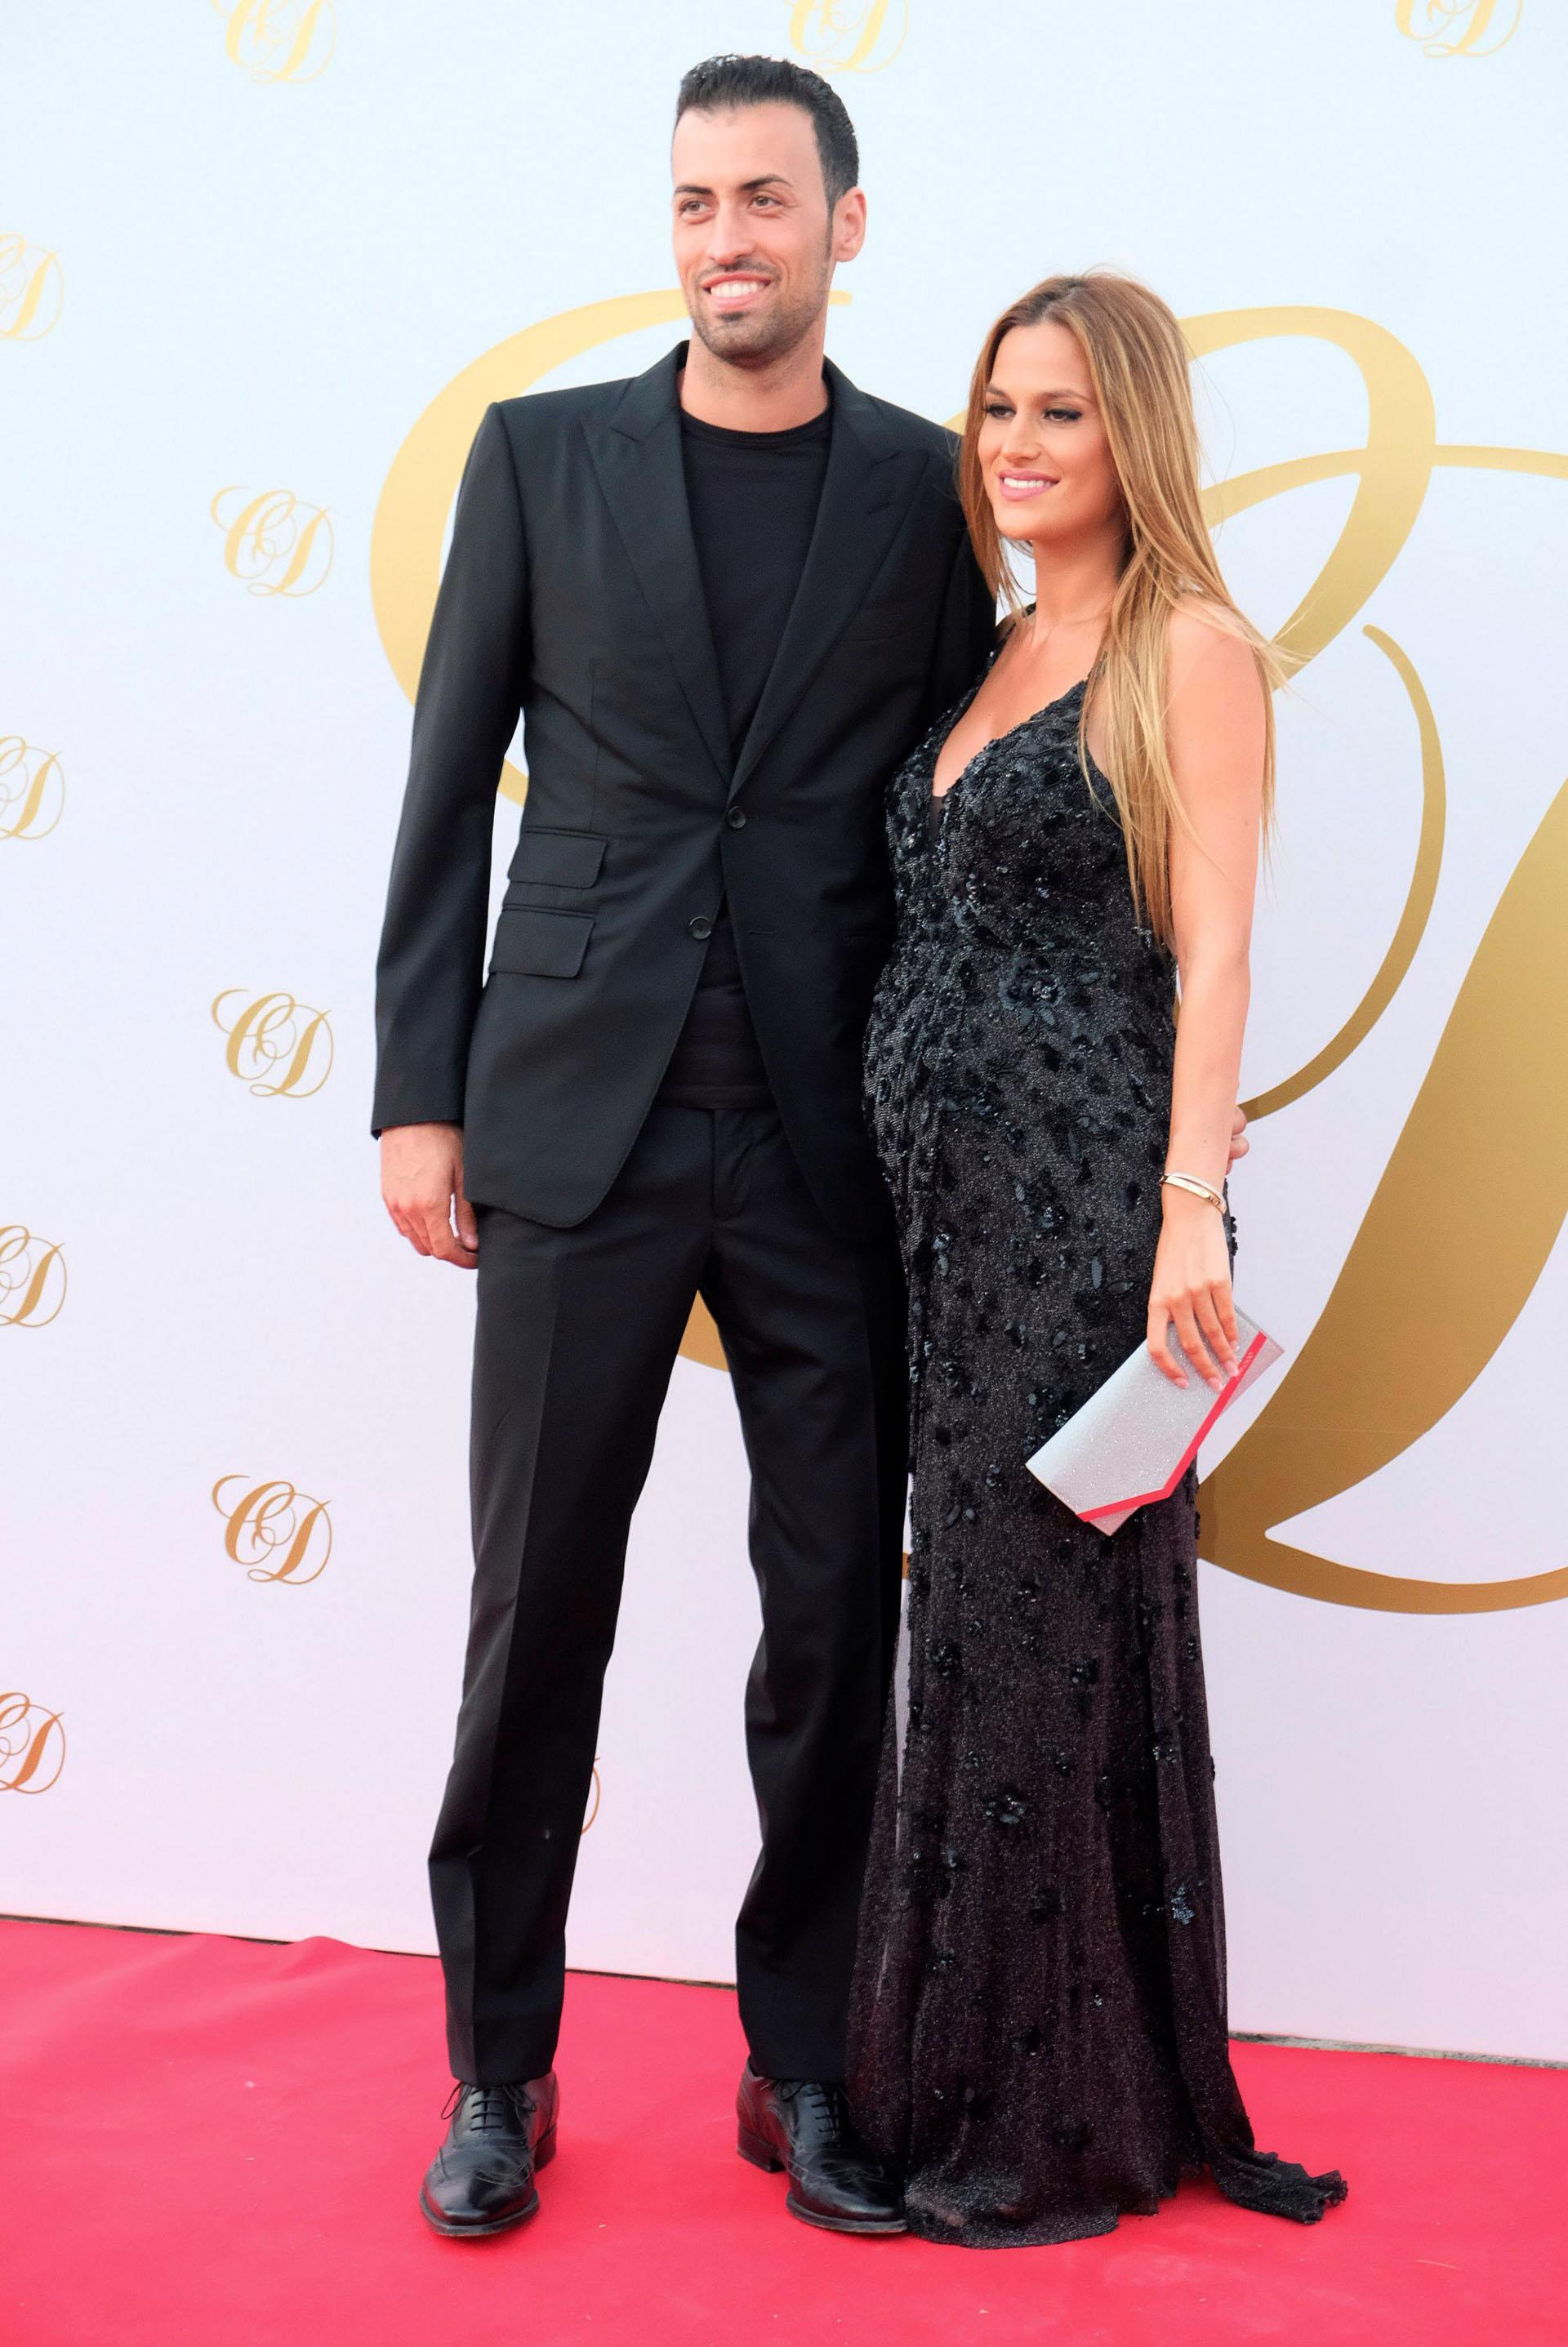 El mediocampista Sergi Busquets y su esposa, Elena Galera